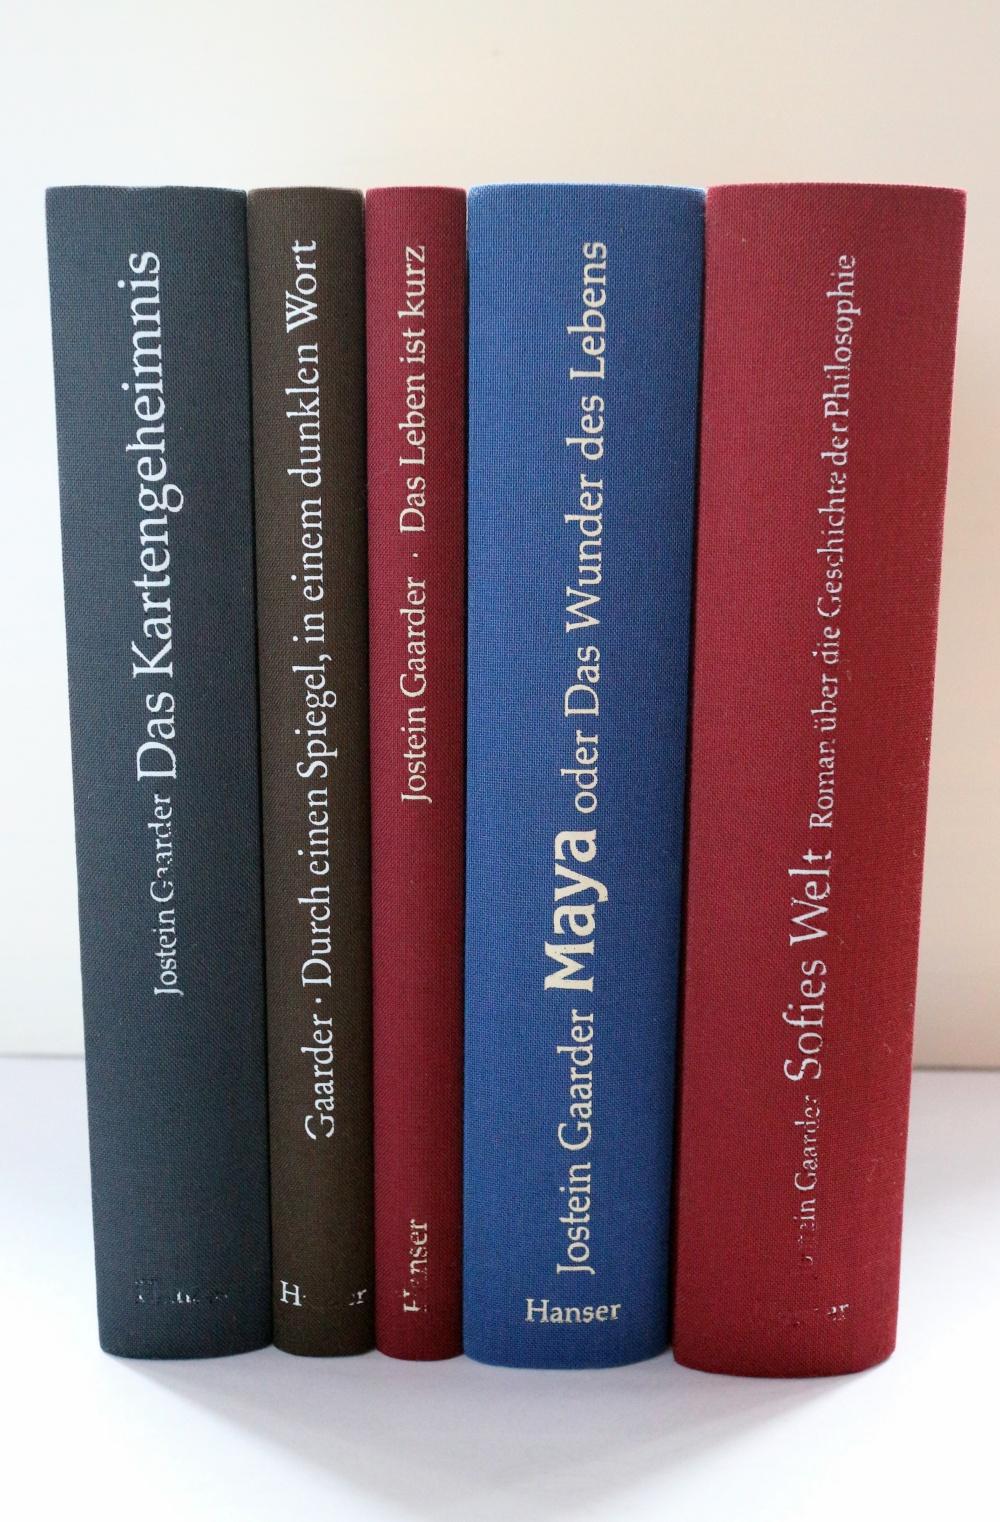 Meine Buchsammlung zu Jostein Gaarder